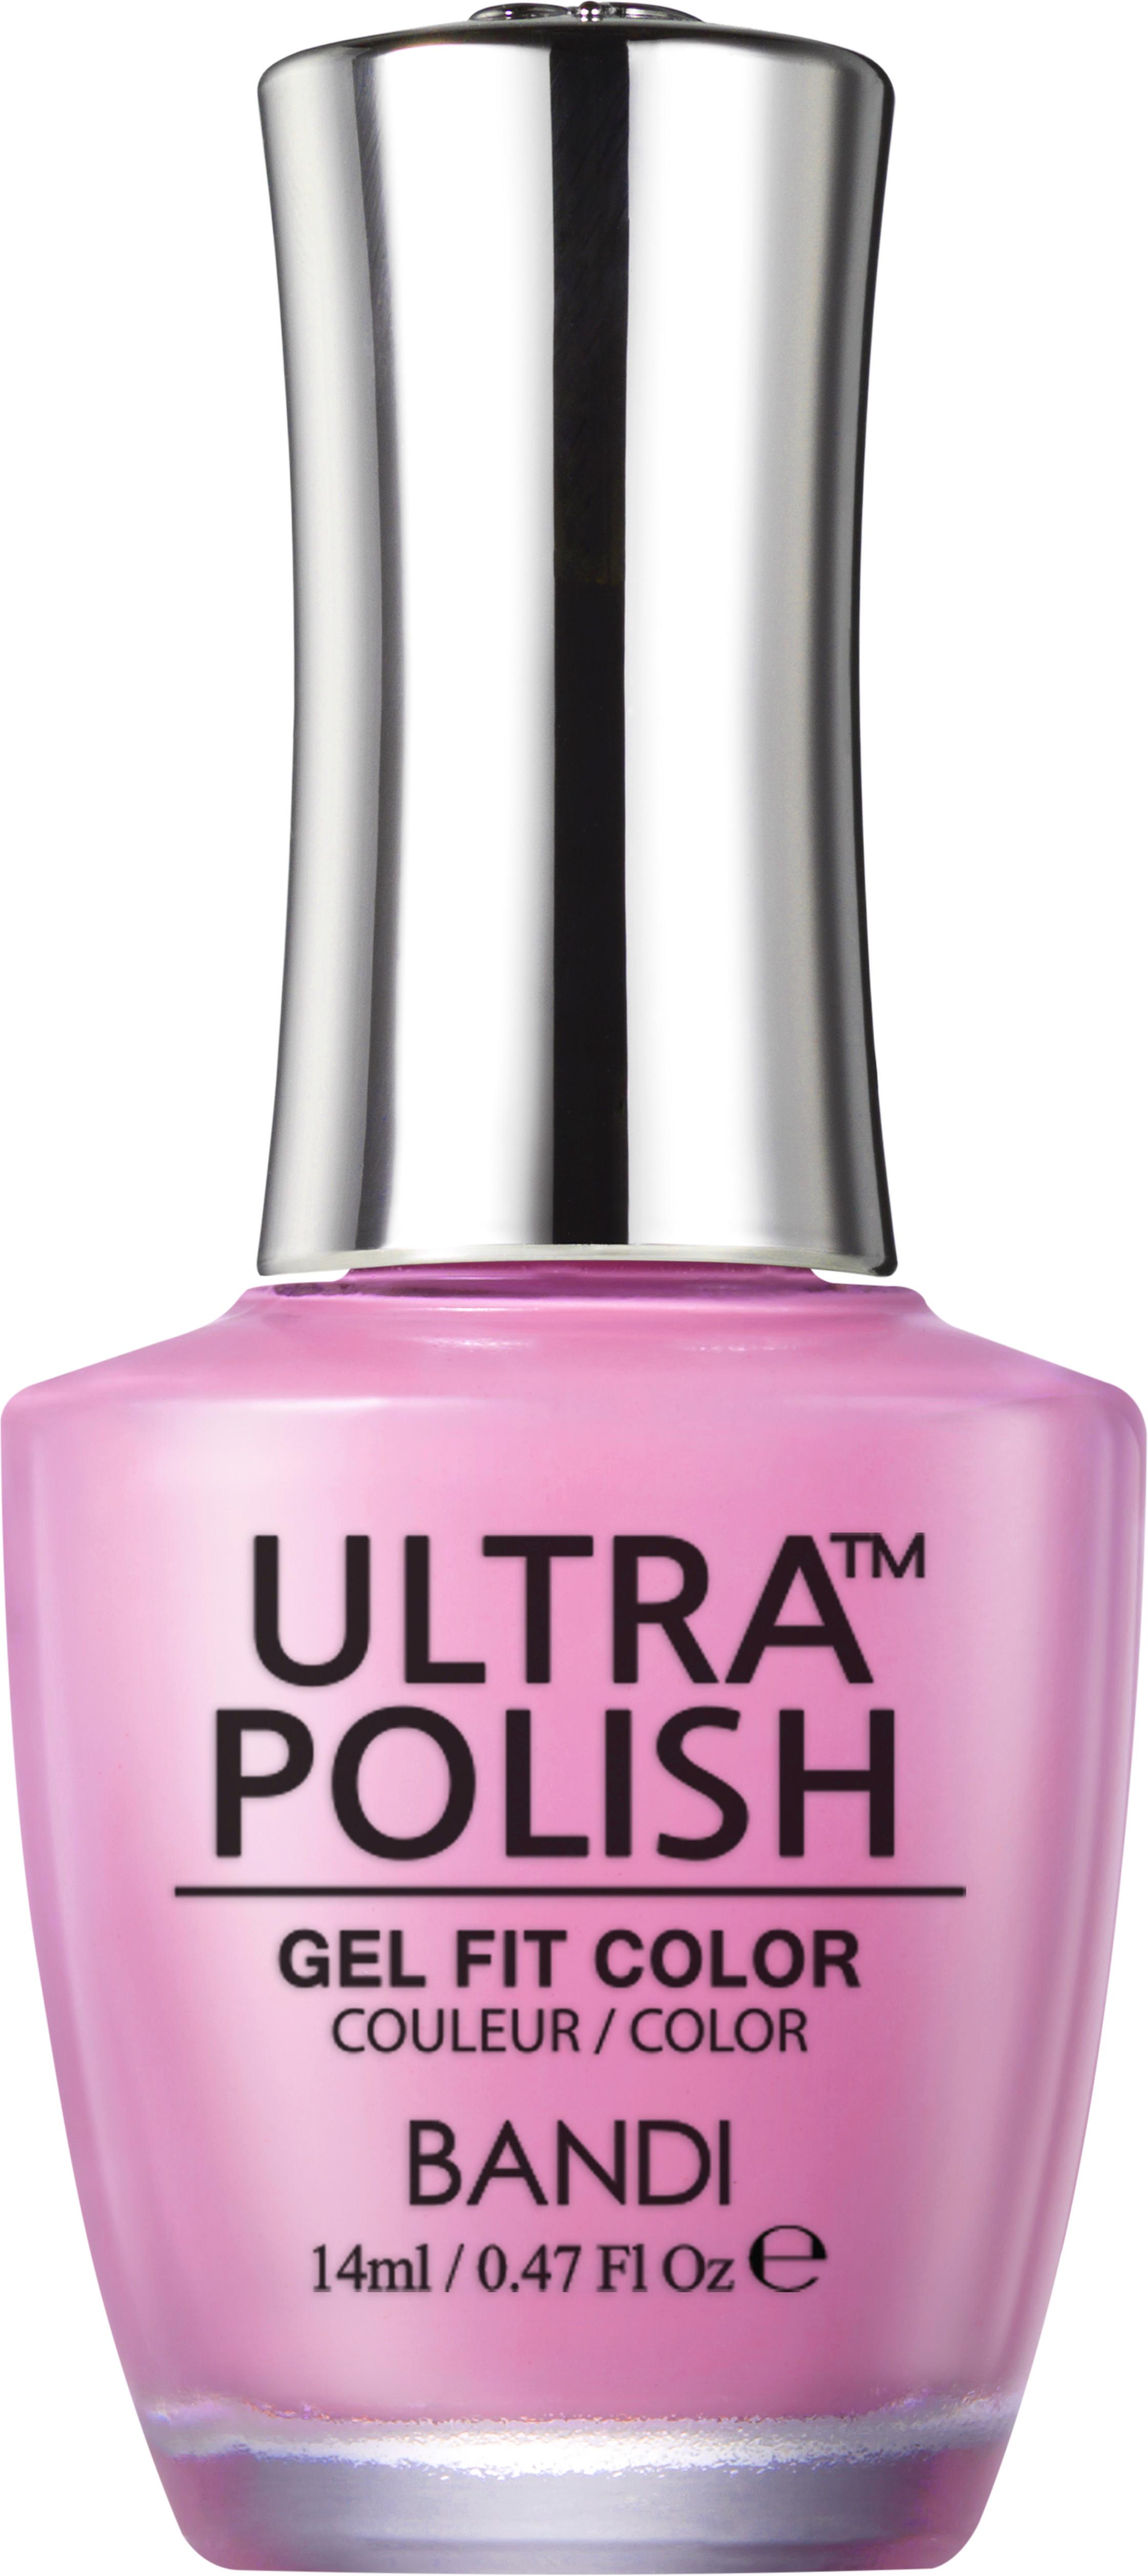 Купить BANDI UP109 ультра-покрытие долговременное цветное для ногтей / ULTRA POLISH GEL FIT COLOR 14 мл